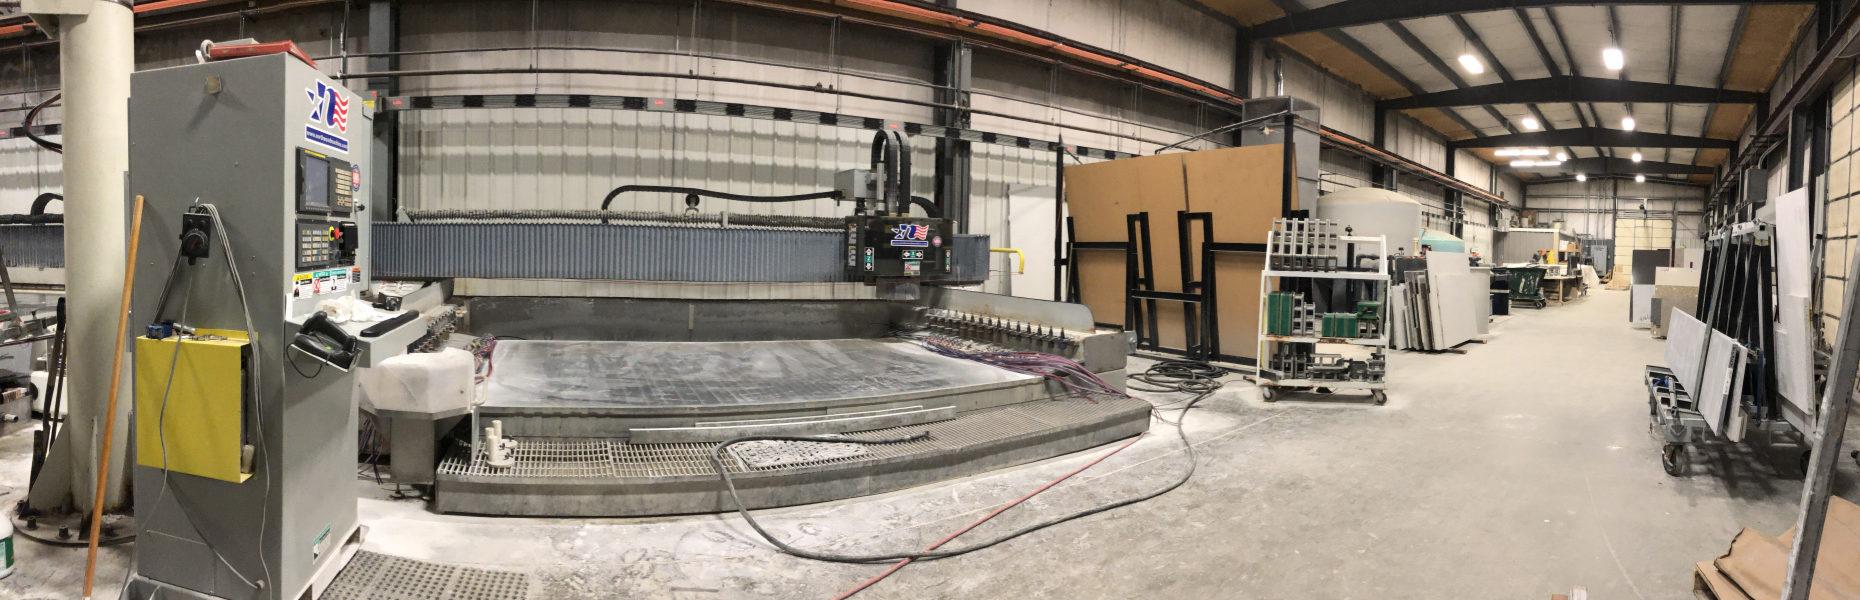 ASST Quartz Fabrication Facility, Corry, PA.